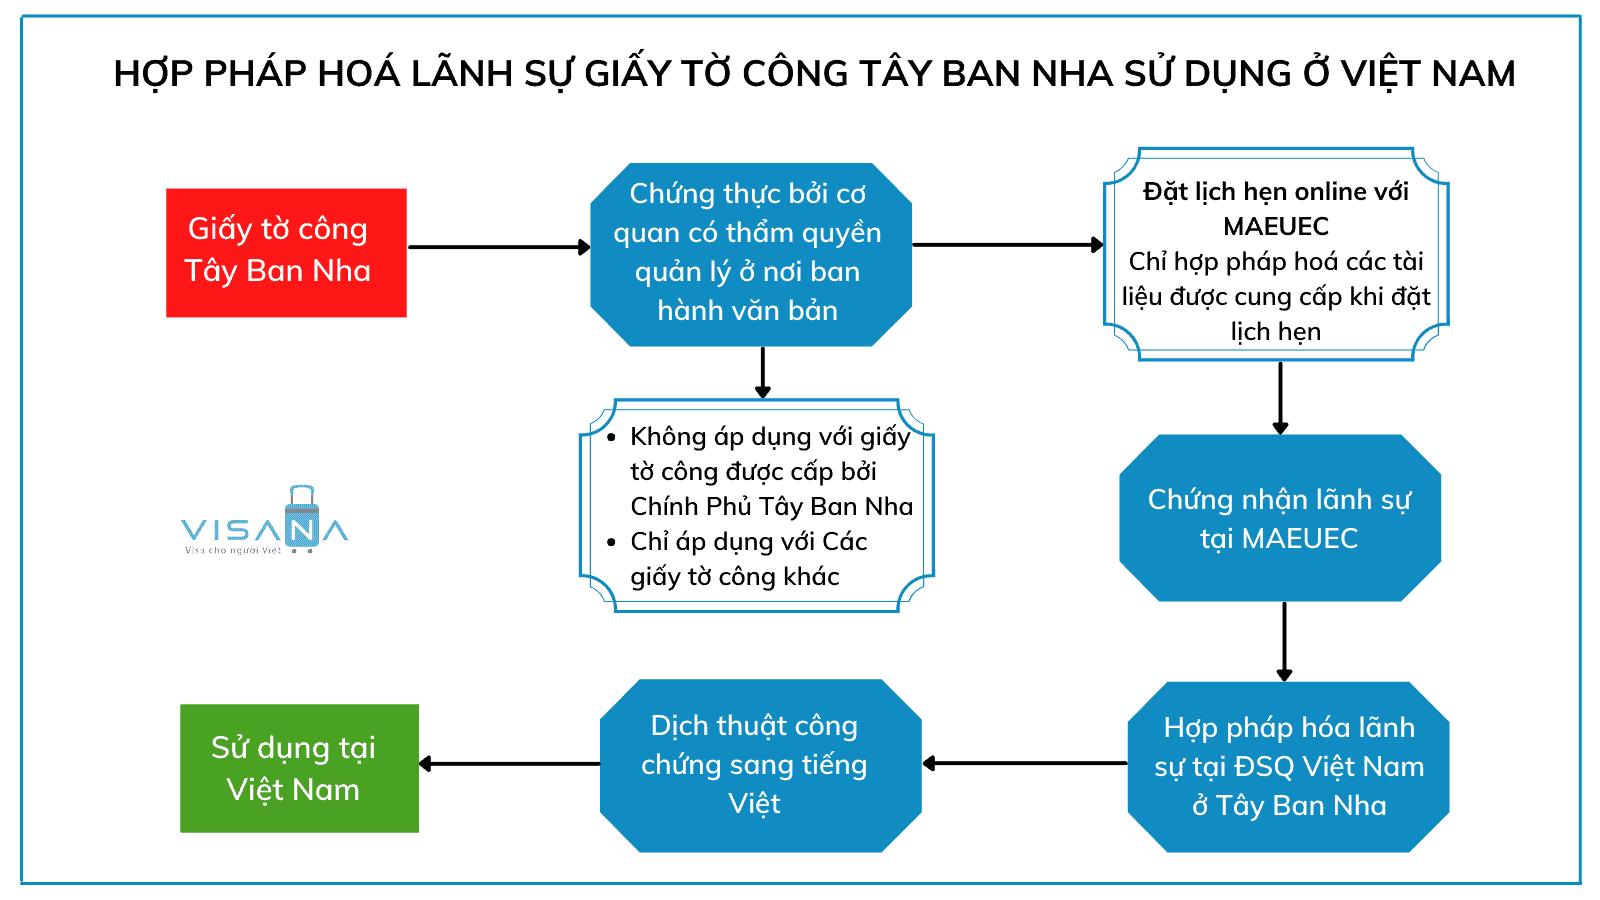 Thủ tục hợp pháp hoá lãnh sự giấy tờ Tây Ban Nha sử dụng ở Việt nam